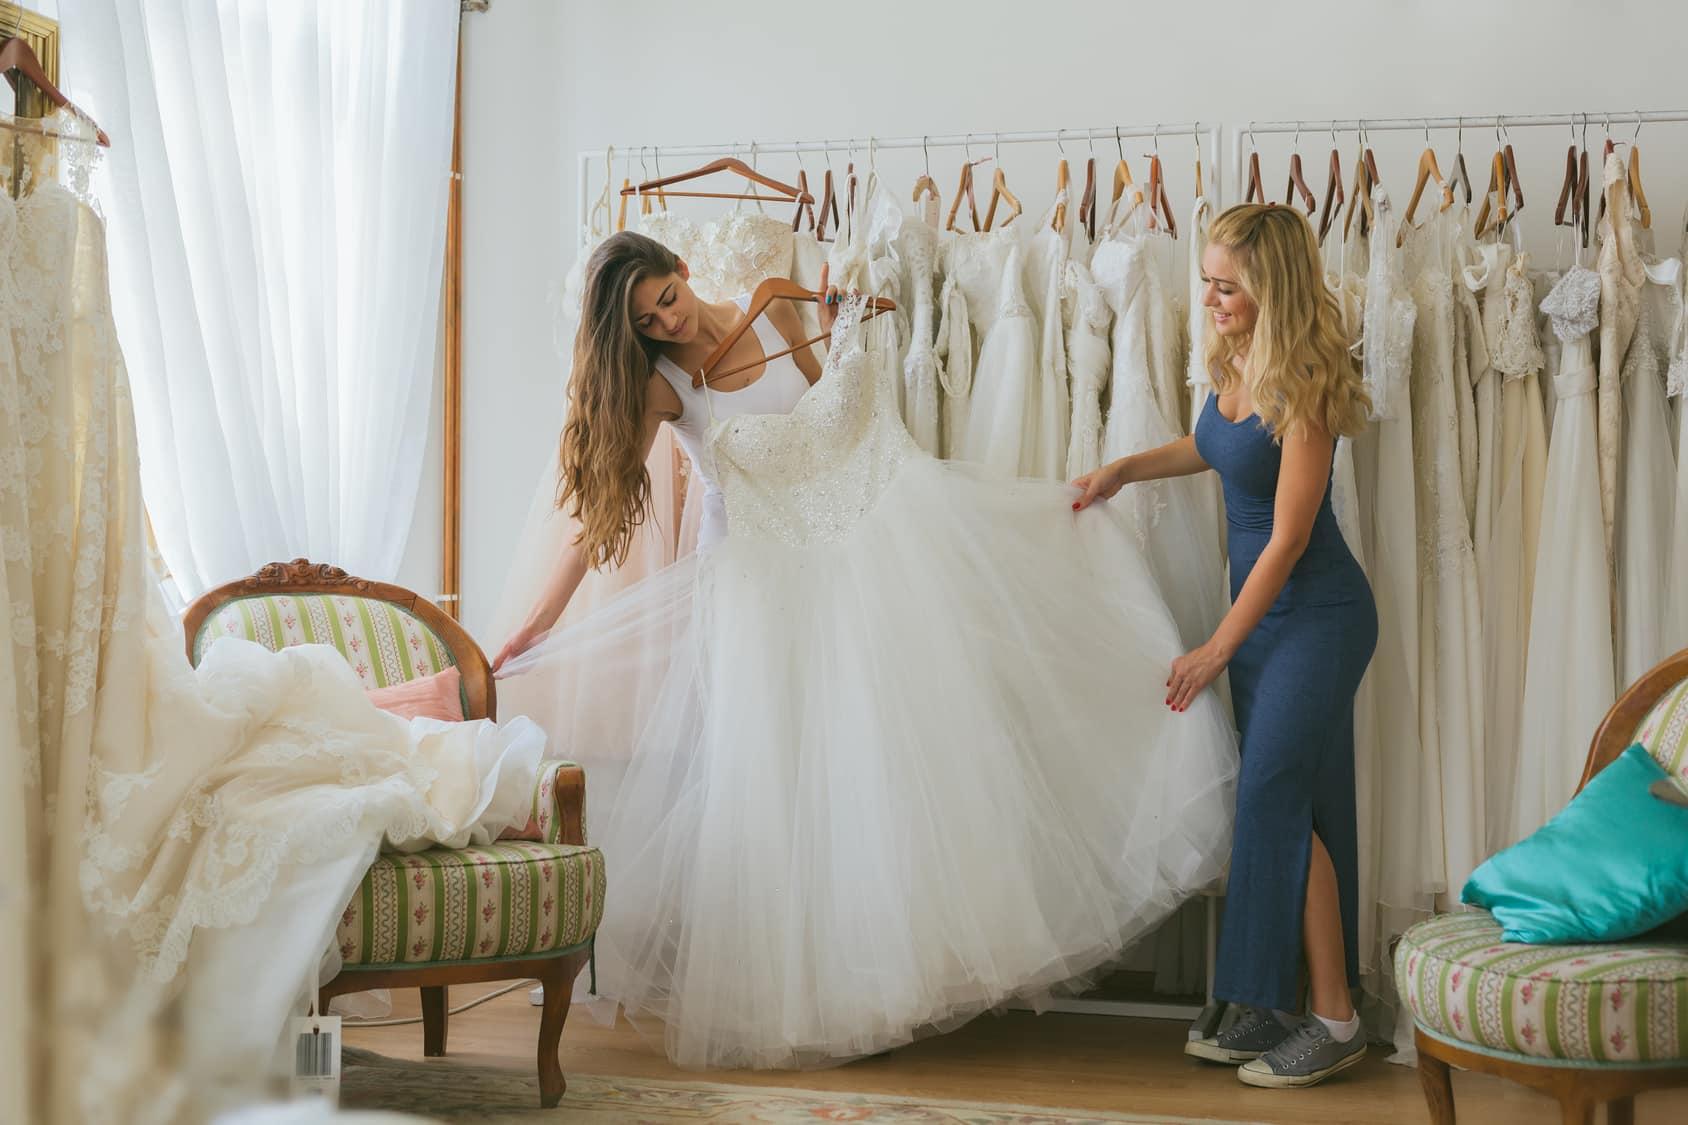 Faites l'essayage des robe de mariée